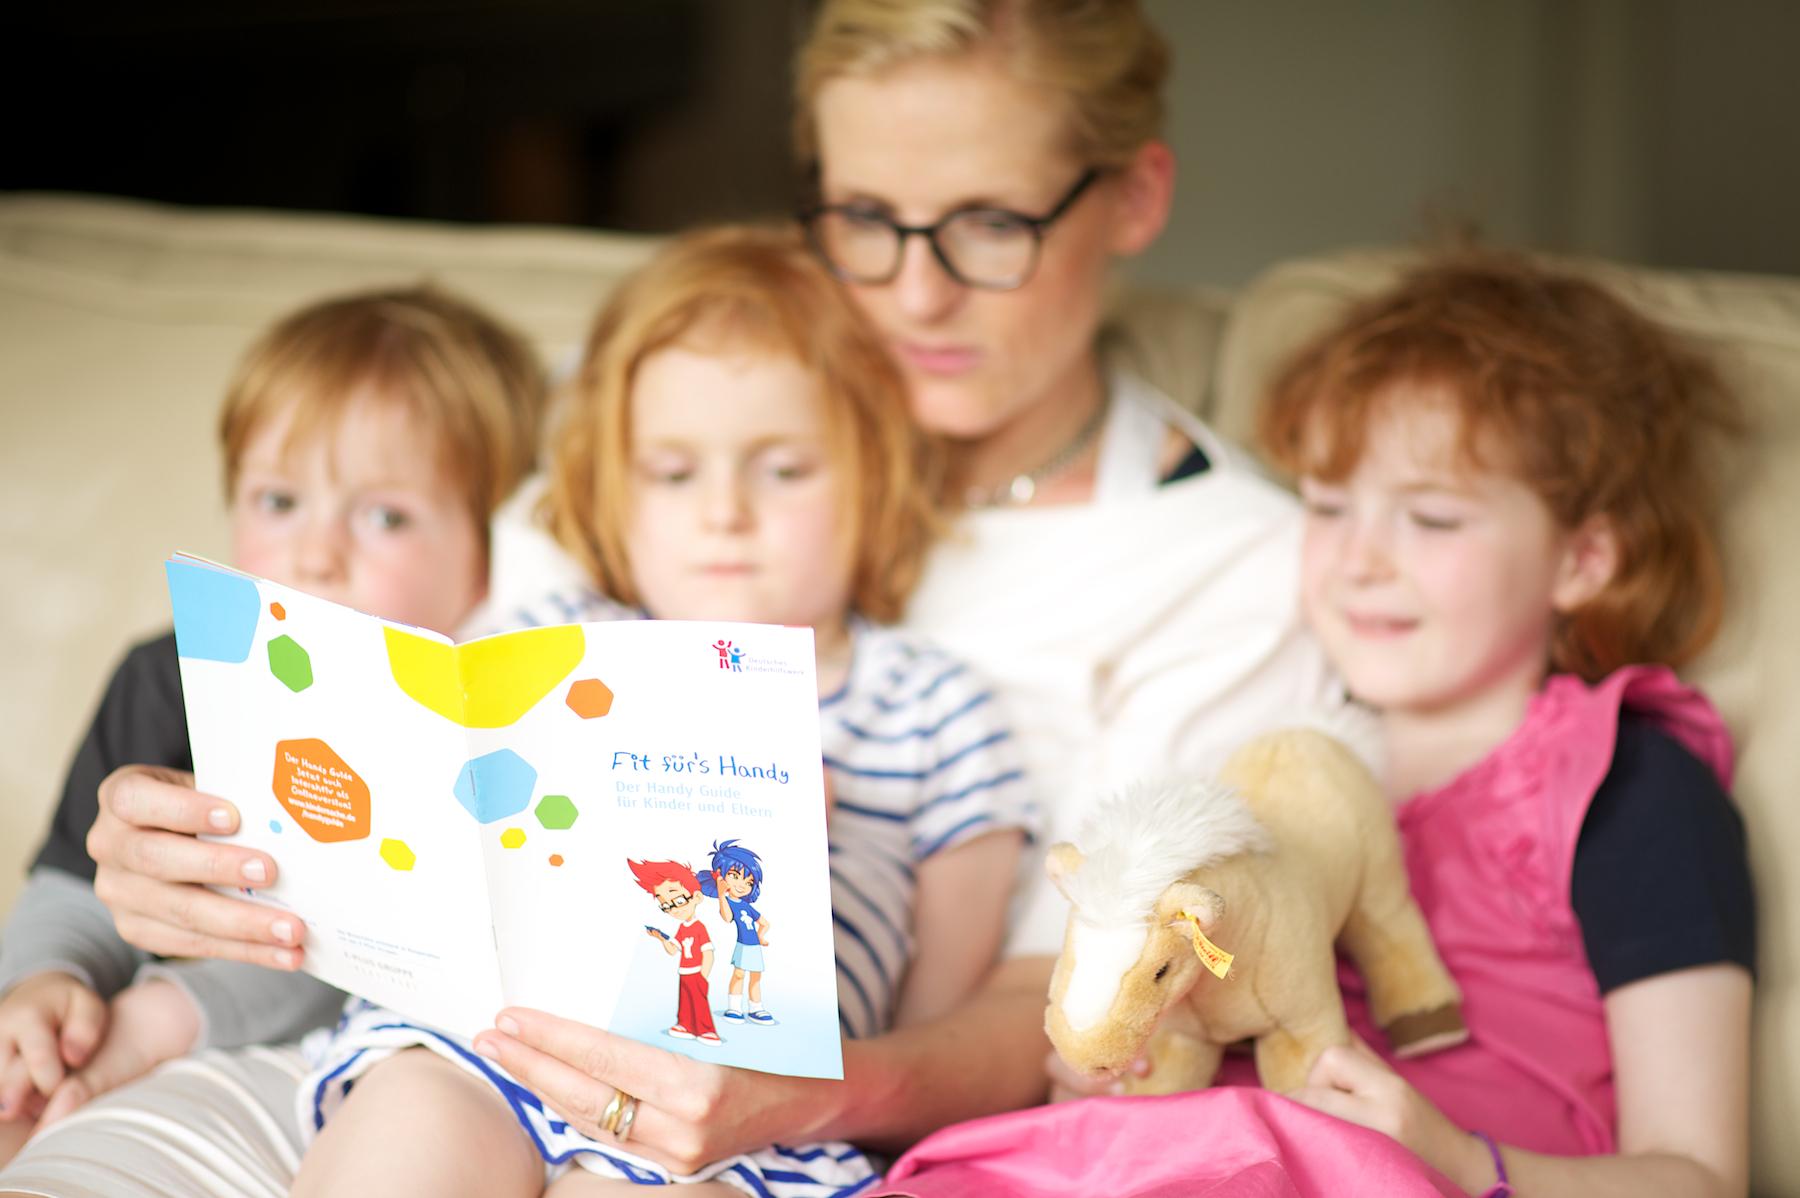 Der Handy Guide nimmt Kinder und Eltern an die Hand